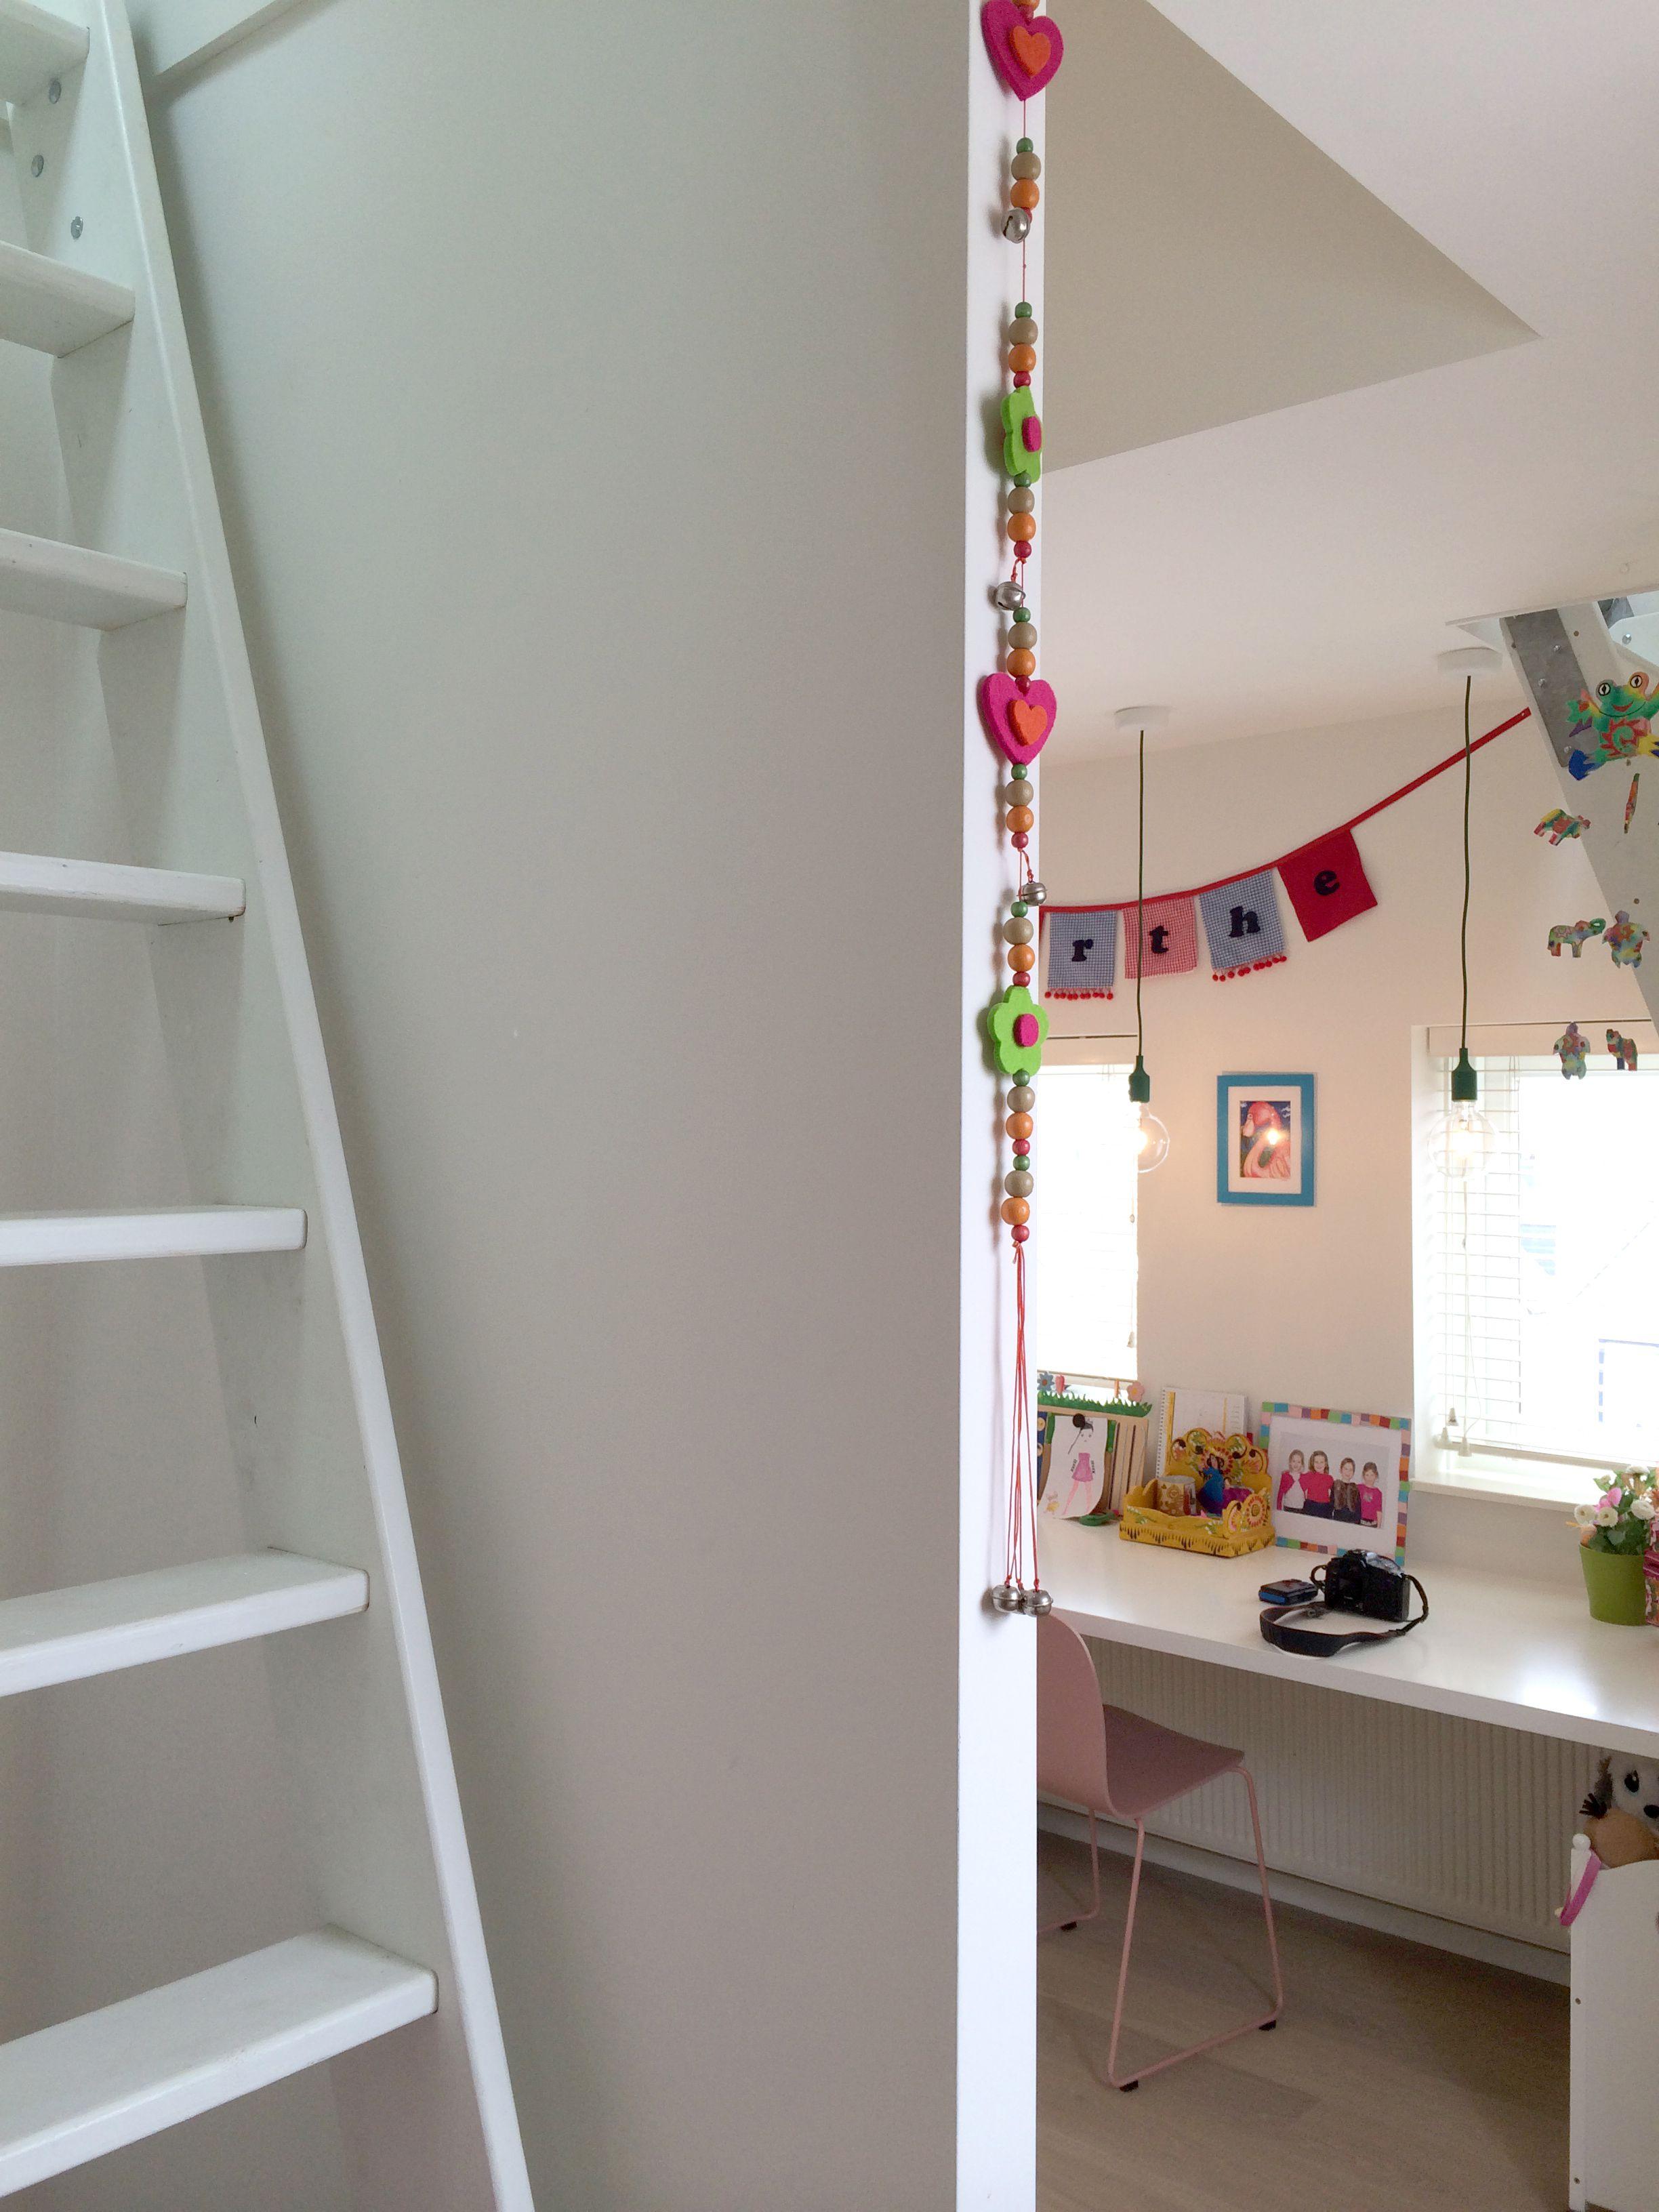 studio-EI --Zolder 6 | Woning 15: 's Gravendeel. Interieurontwerp & meubelontwerpen: souterrain, speelkamer, eetkamer, keuken, kastenwanden, zitkamer, zitbank, haard, badkamer, zolder, kinderkamers en hoogslapers. www.studio-ei.nl